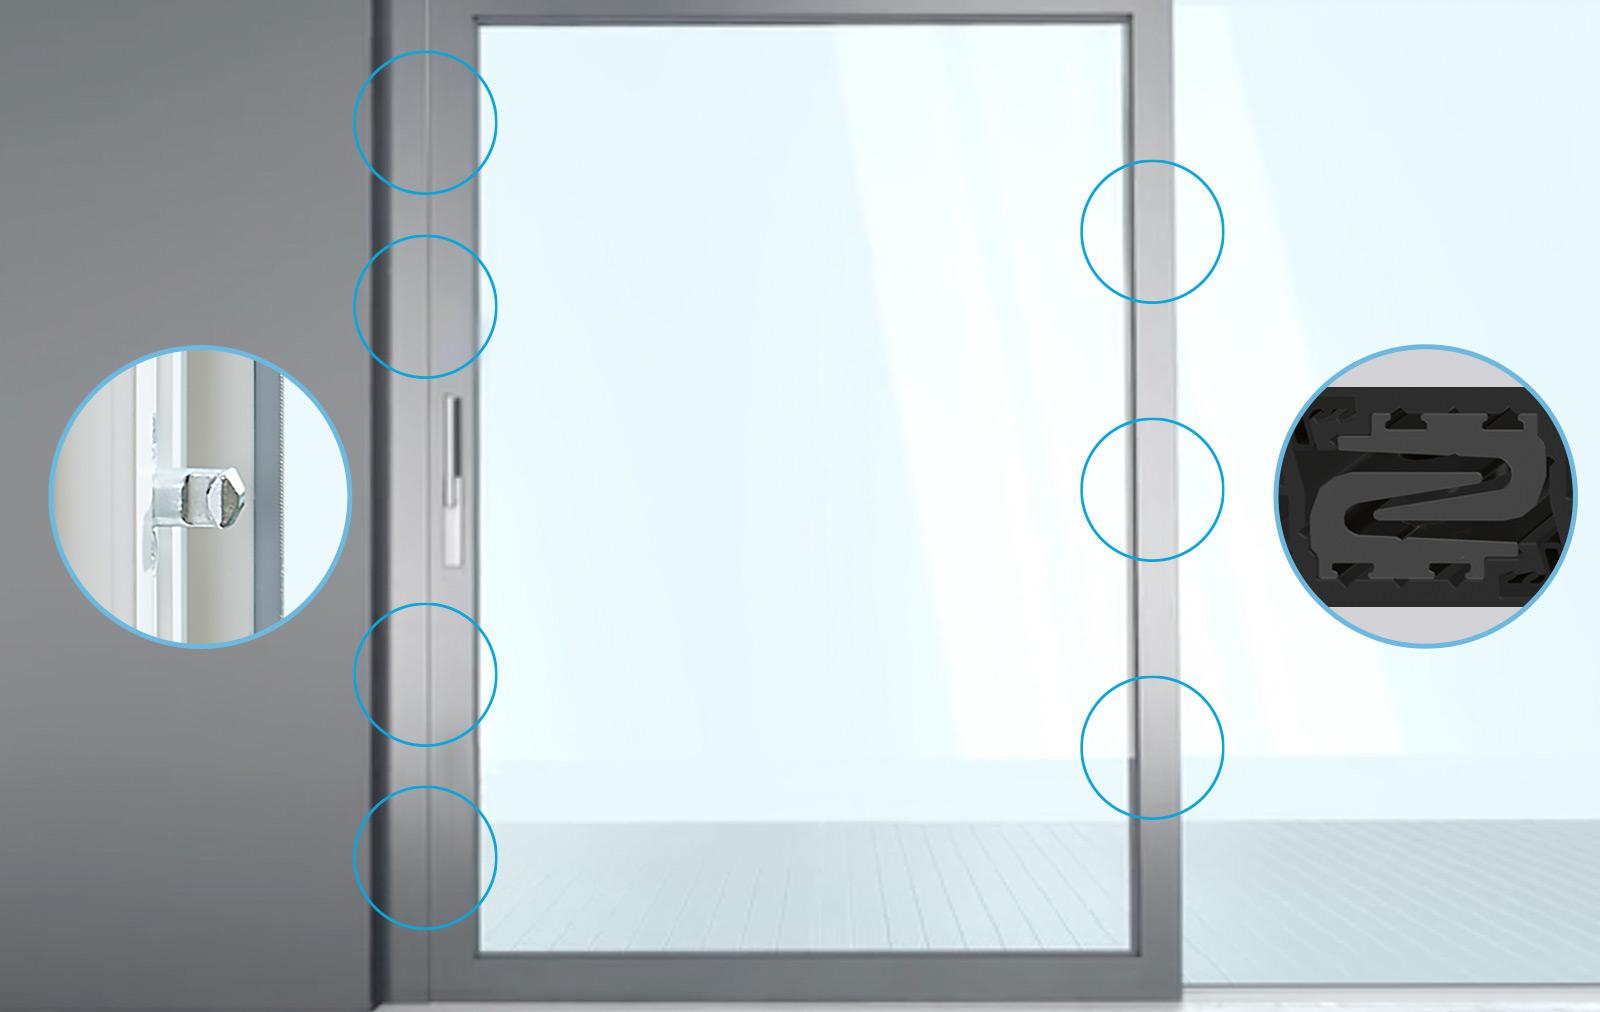 Full Size of Rc3 Fenster Sichere Dreh Kipp Mit Sprossen Bodentief Klebefolie Für Fliegengitter Fliegennetz Folien Schüko Velux Ersatzteile 3 Fach Verglasung Gebrauchte Fenster Rc3 Fenster